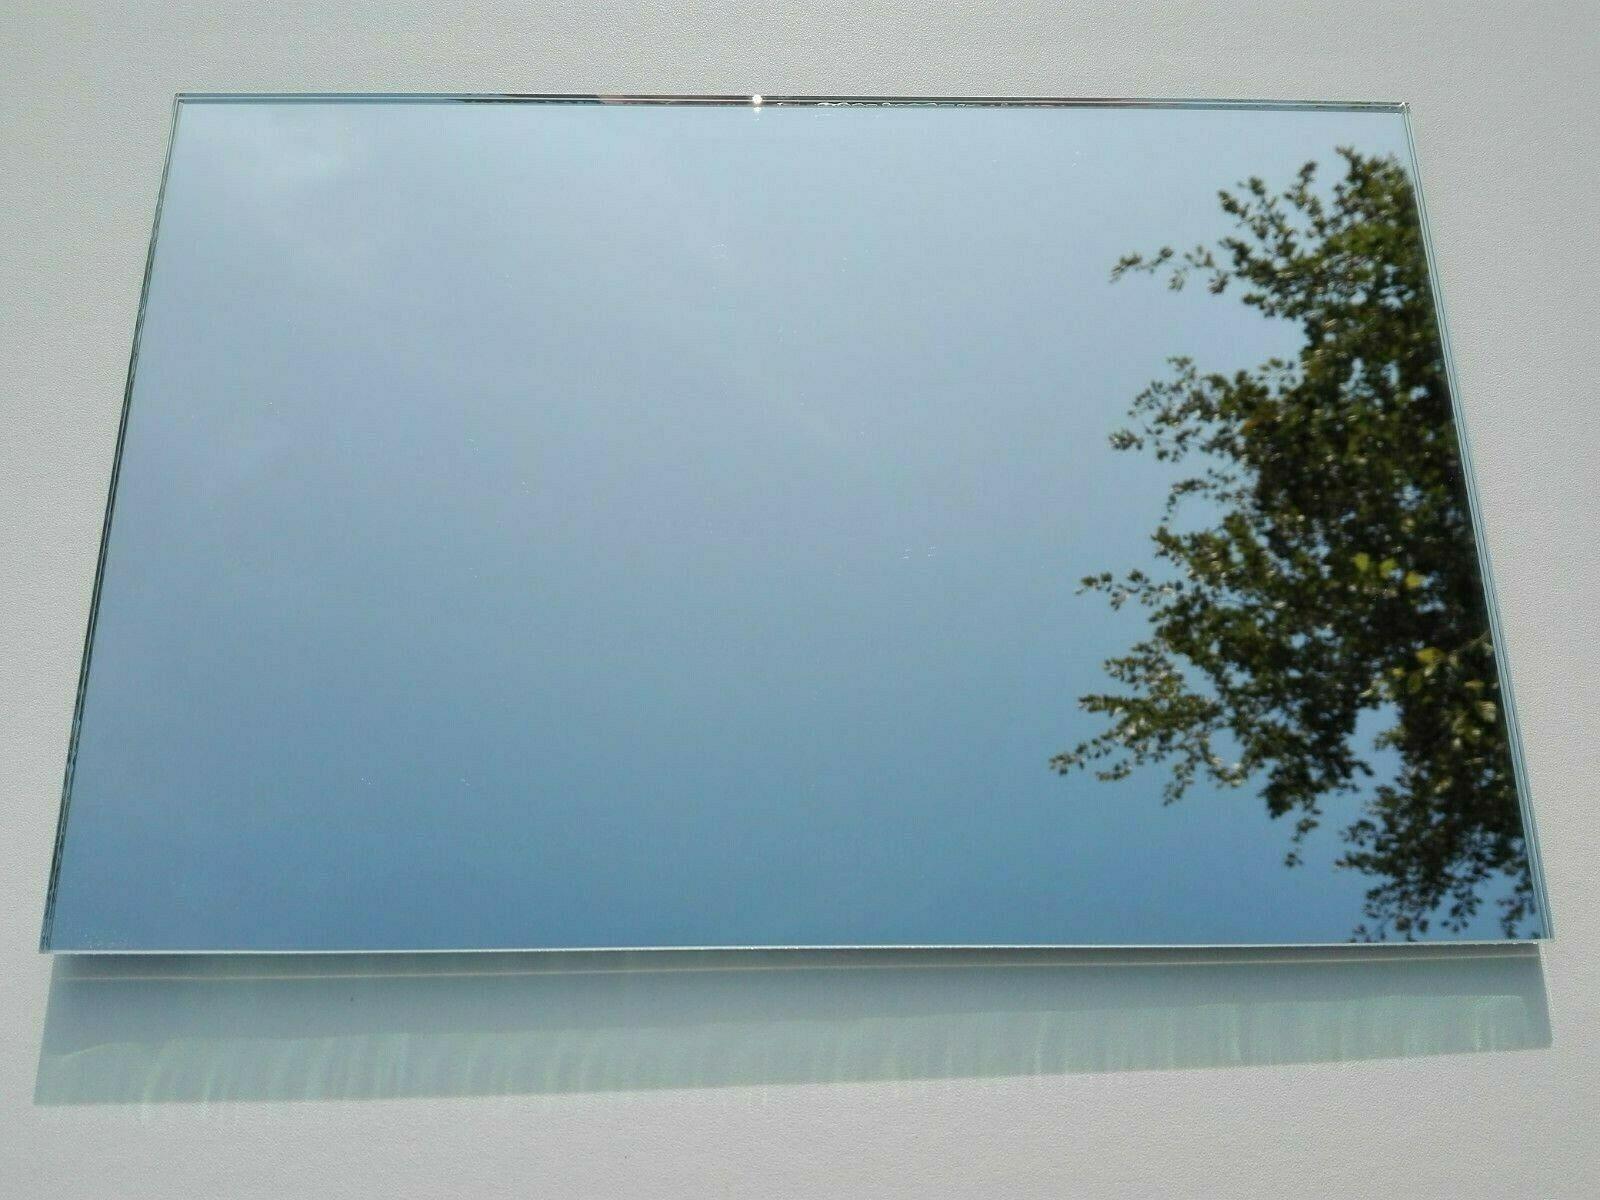 Kristallspiegel nach Maß Wandspiegel Wunschmaß 3 + 4 mm individueller Zuschnitt